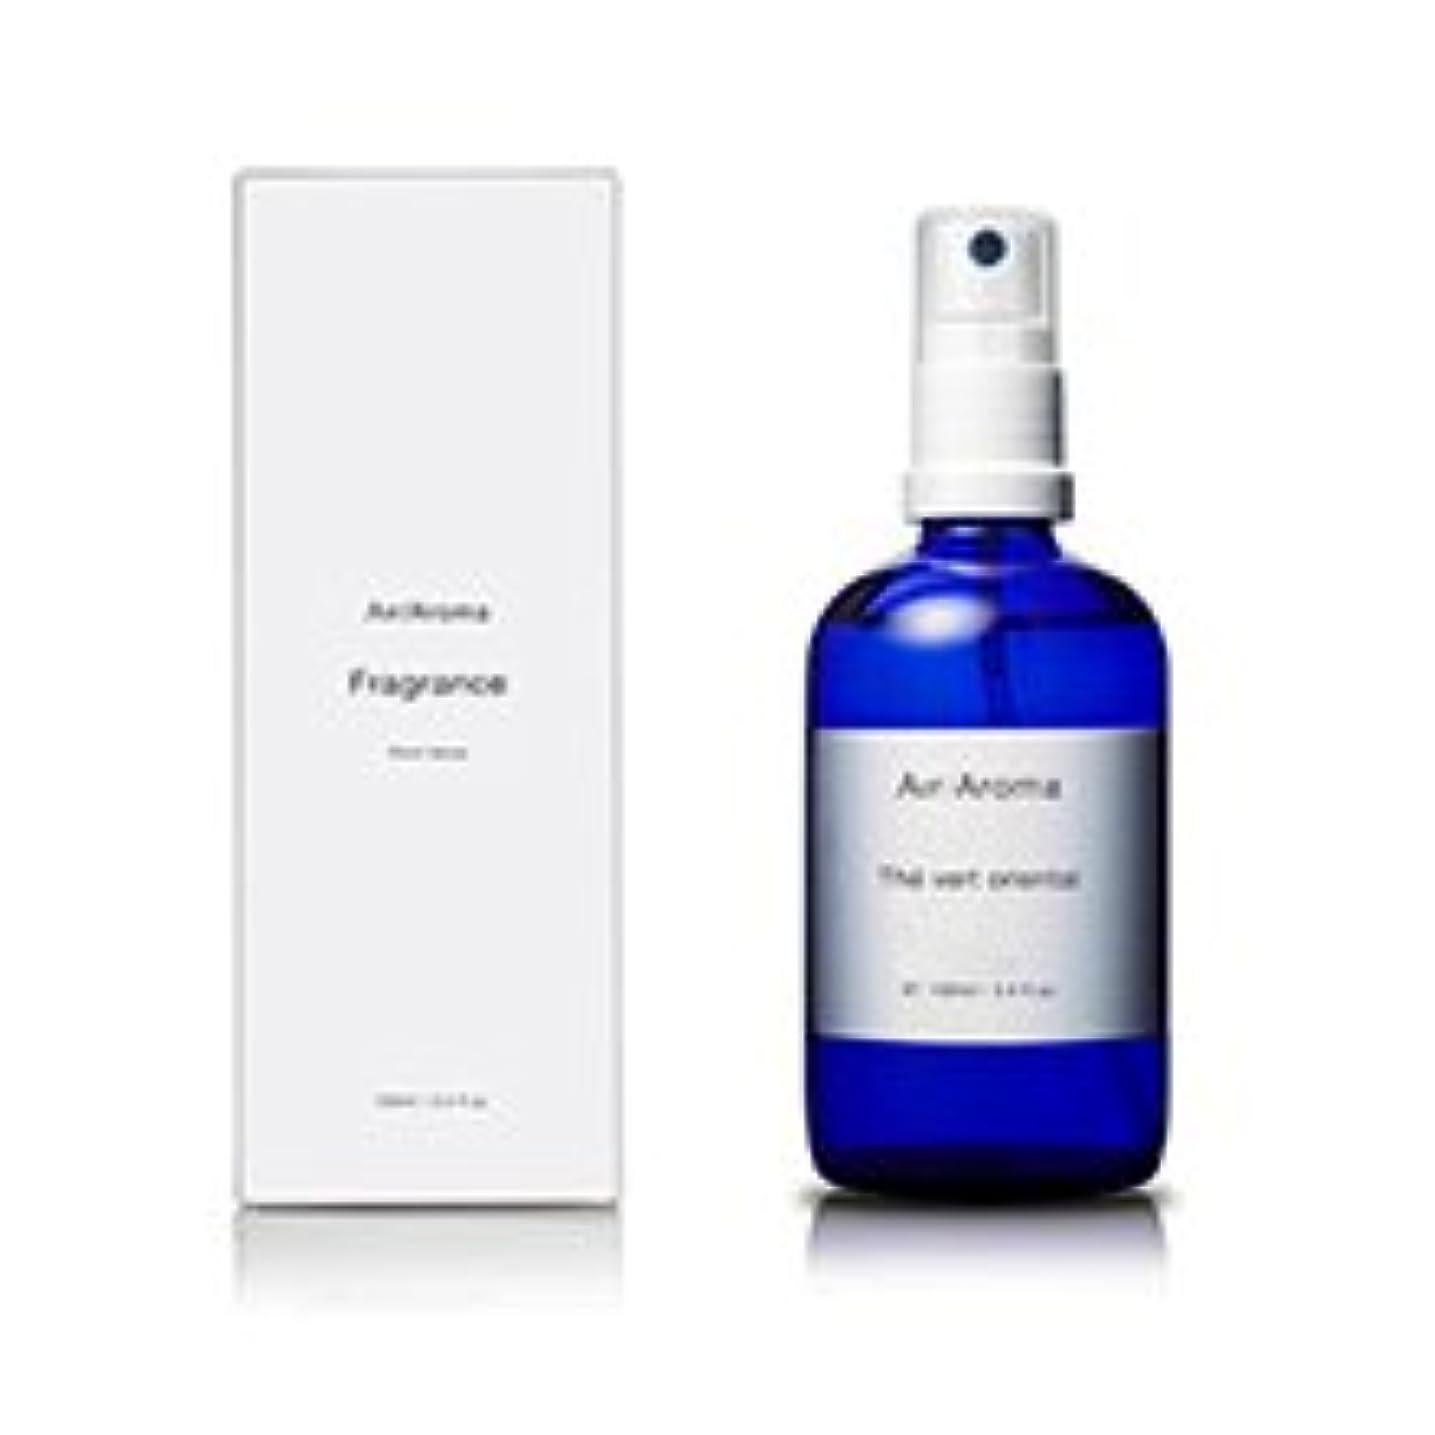 致命的光のレイエアアロマ the vert oriental room fragrance(テヴェールオリエンタル ルームフレグランス) 100ml